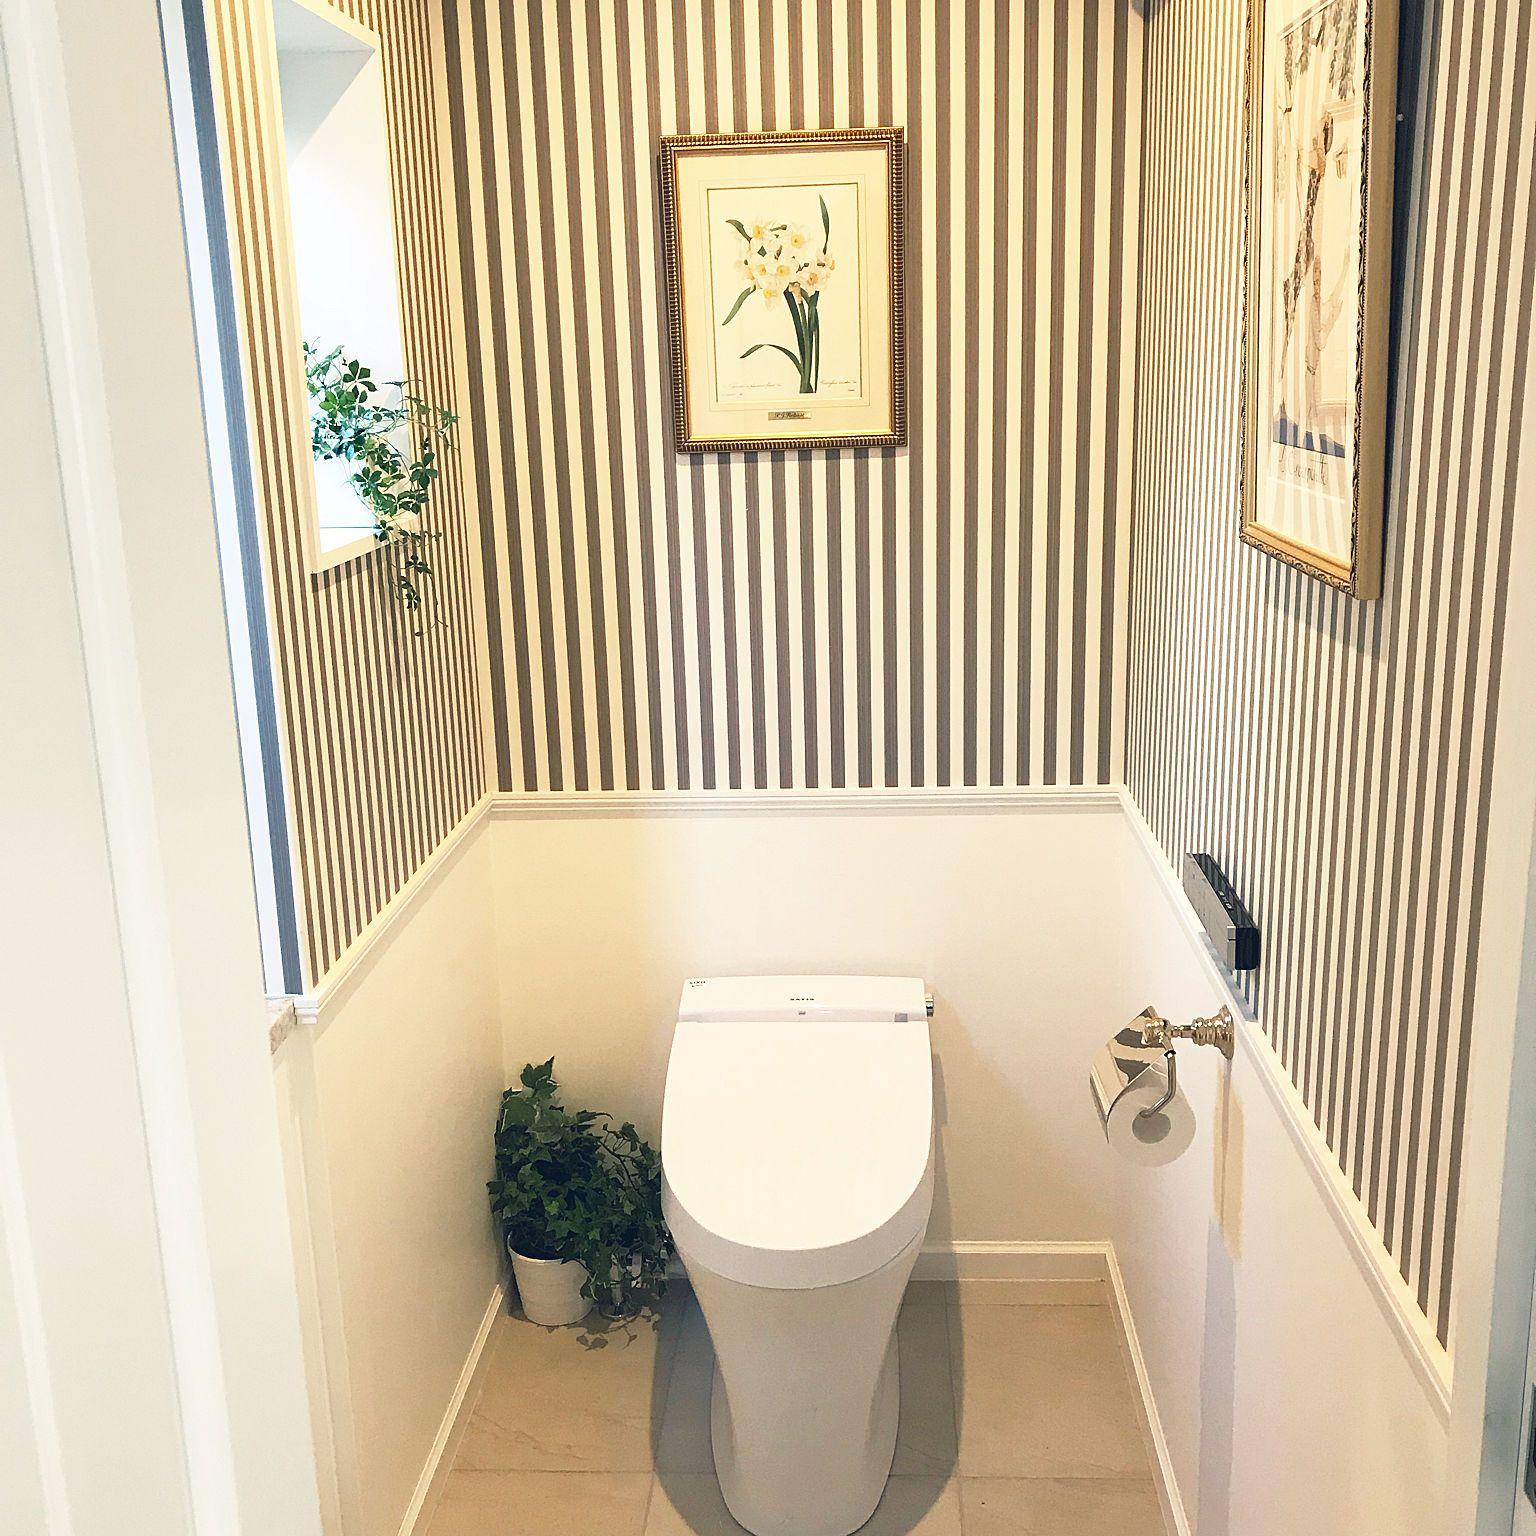 バス トイレ 一人暮らし リフォーム モノトーン 壁紙 などの